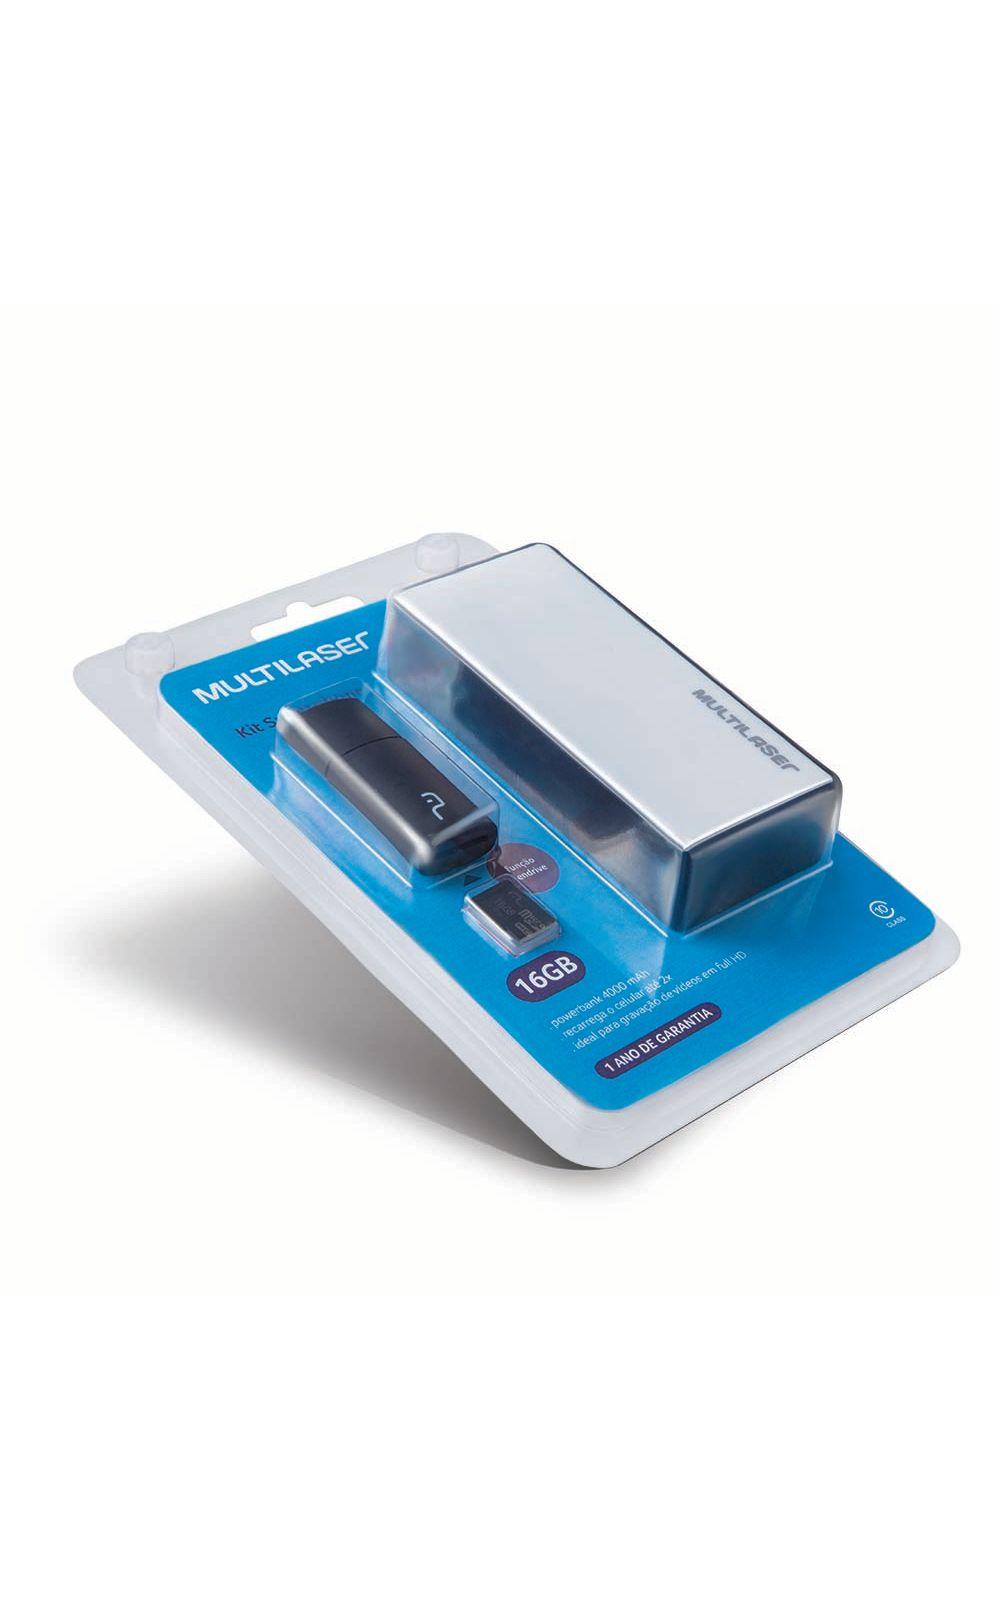 Foto 6 - Kit Power Bank + Pendrive + Cartão de Memória Micro SD com 16GB Multilaser - MC220